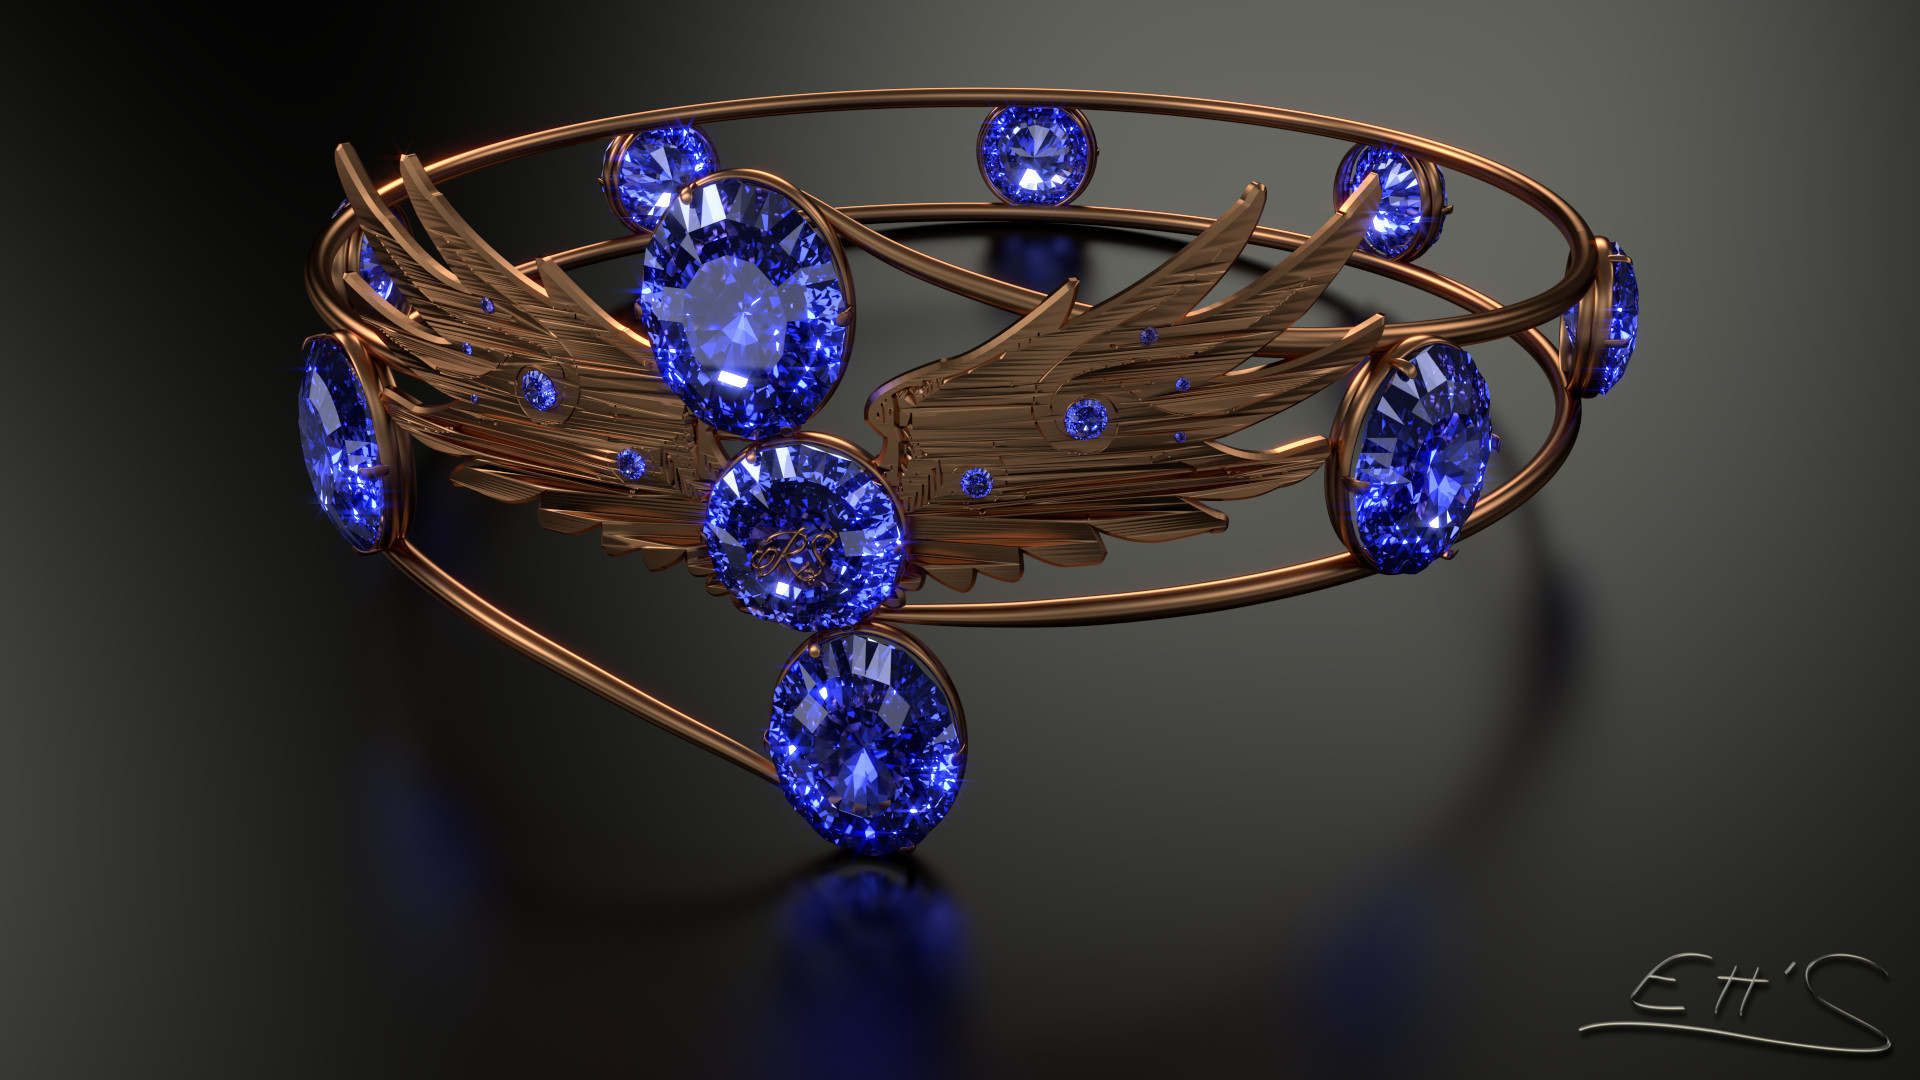 … Anneau Rowena Serdaigle / Ring Rowena Ravenclaw – by Etrelley